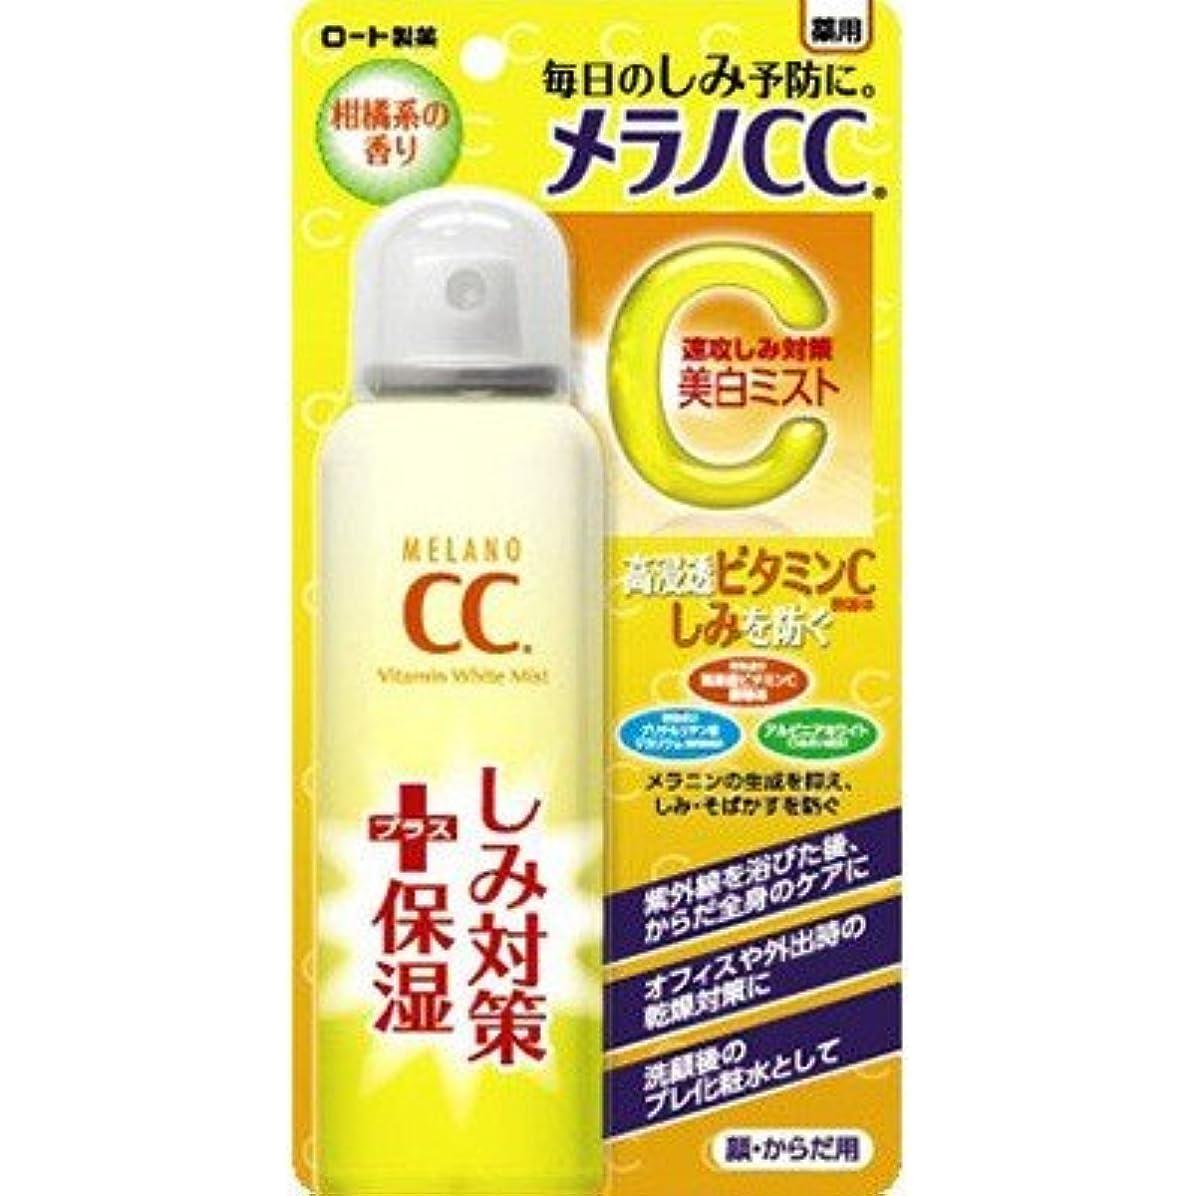 山岳誰かヒップメラノCC 薬用 しみ対策 美白ミスト化粧水 100g [並行輸入品]